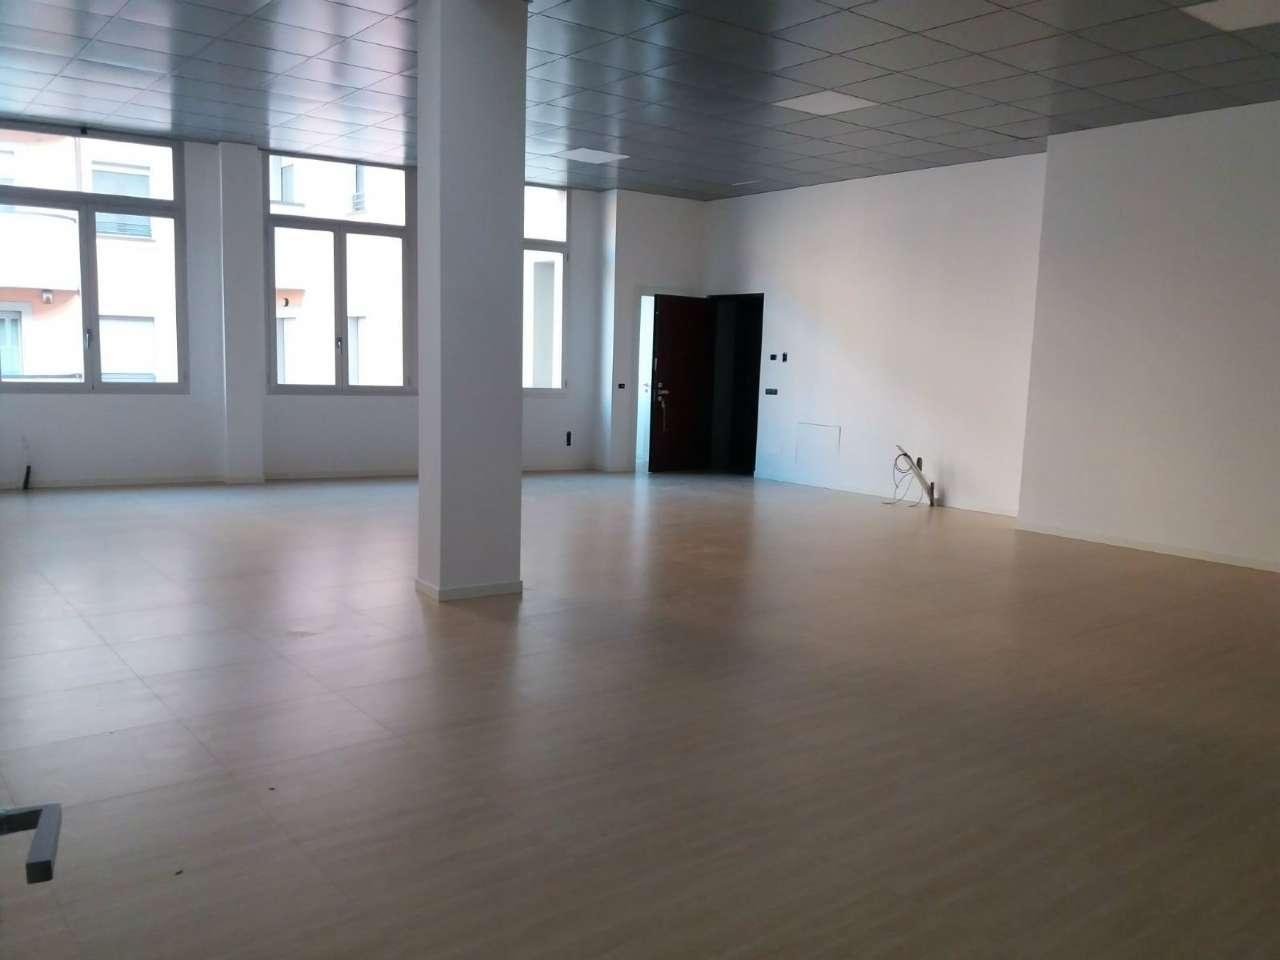 Ufficio / Studio in affitto a Saronno, 1 locali, prezzo € 1.375 | CambioCasa.it